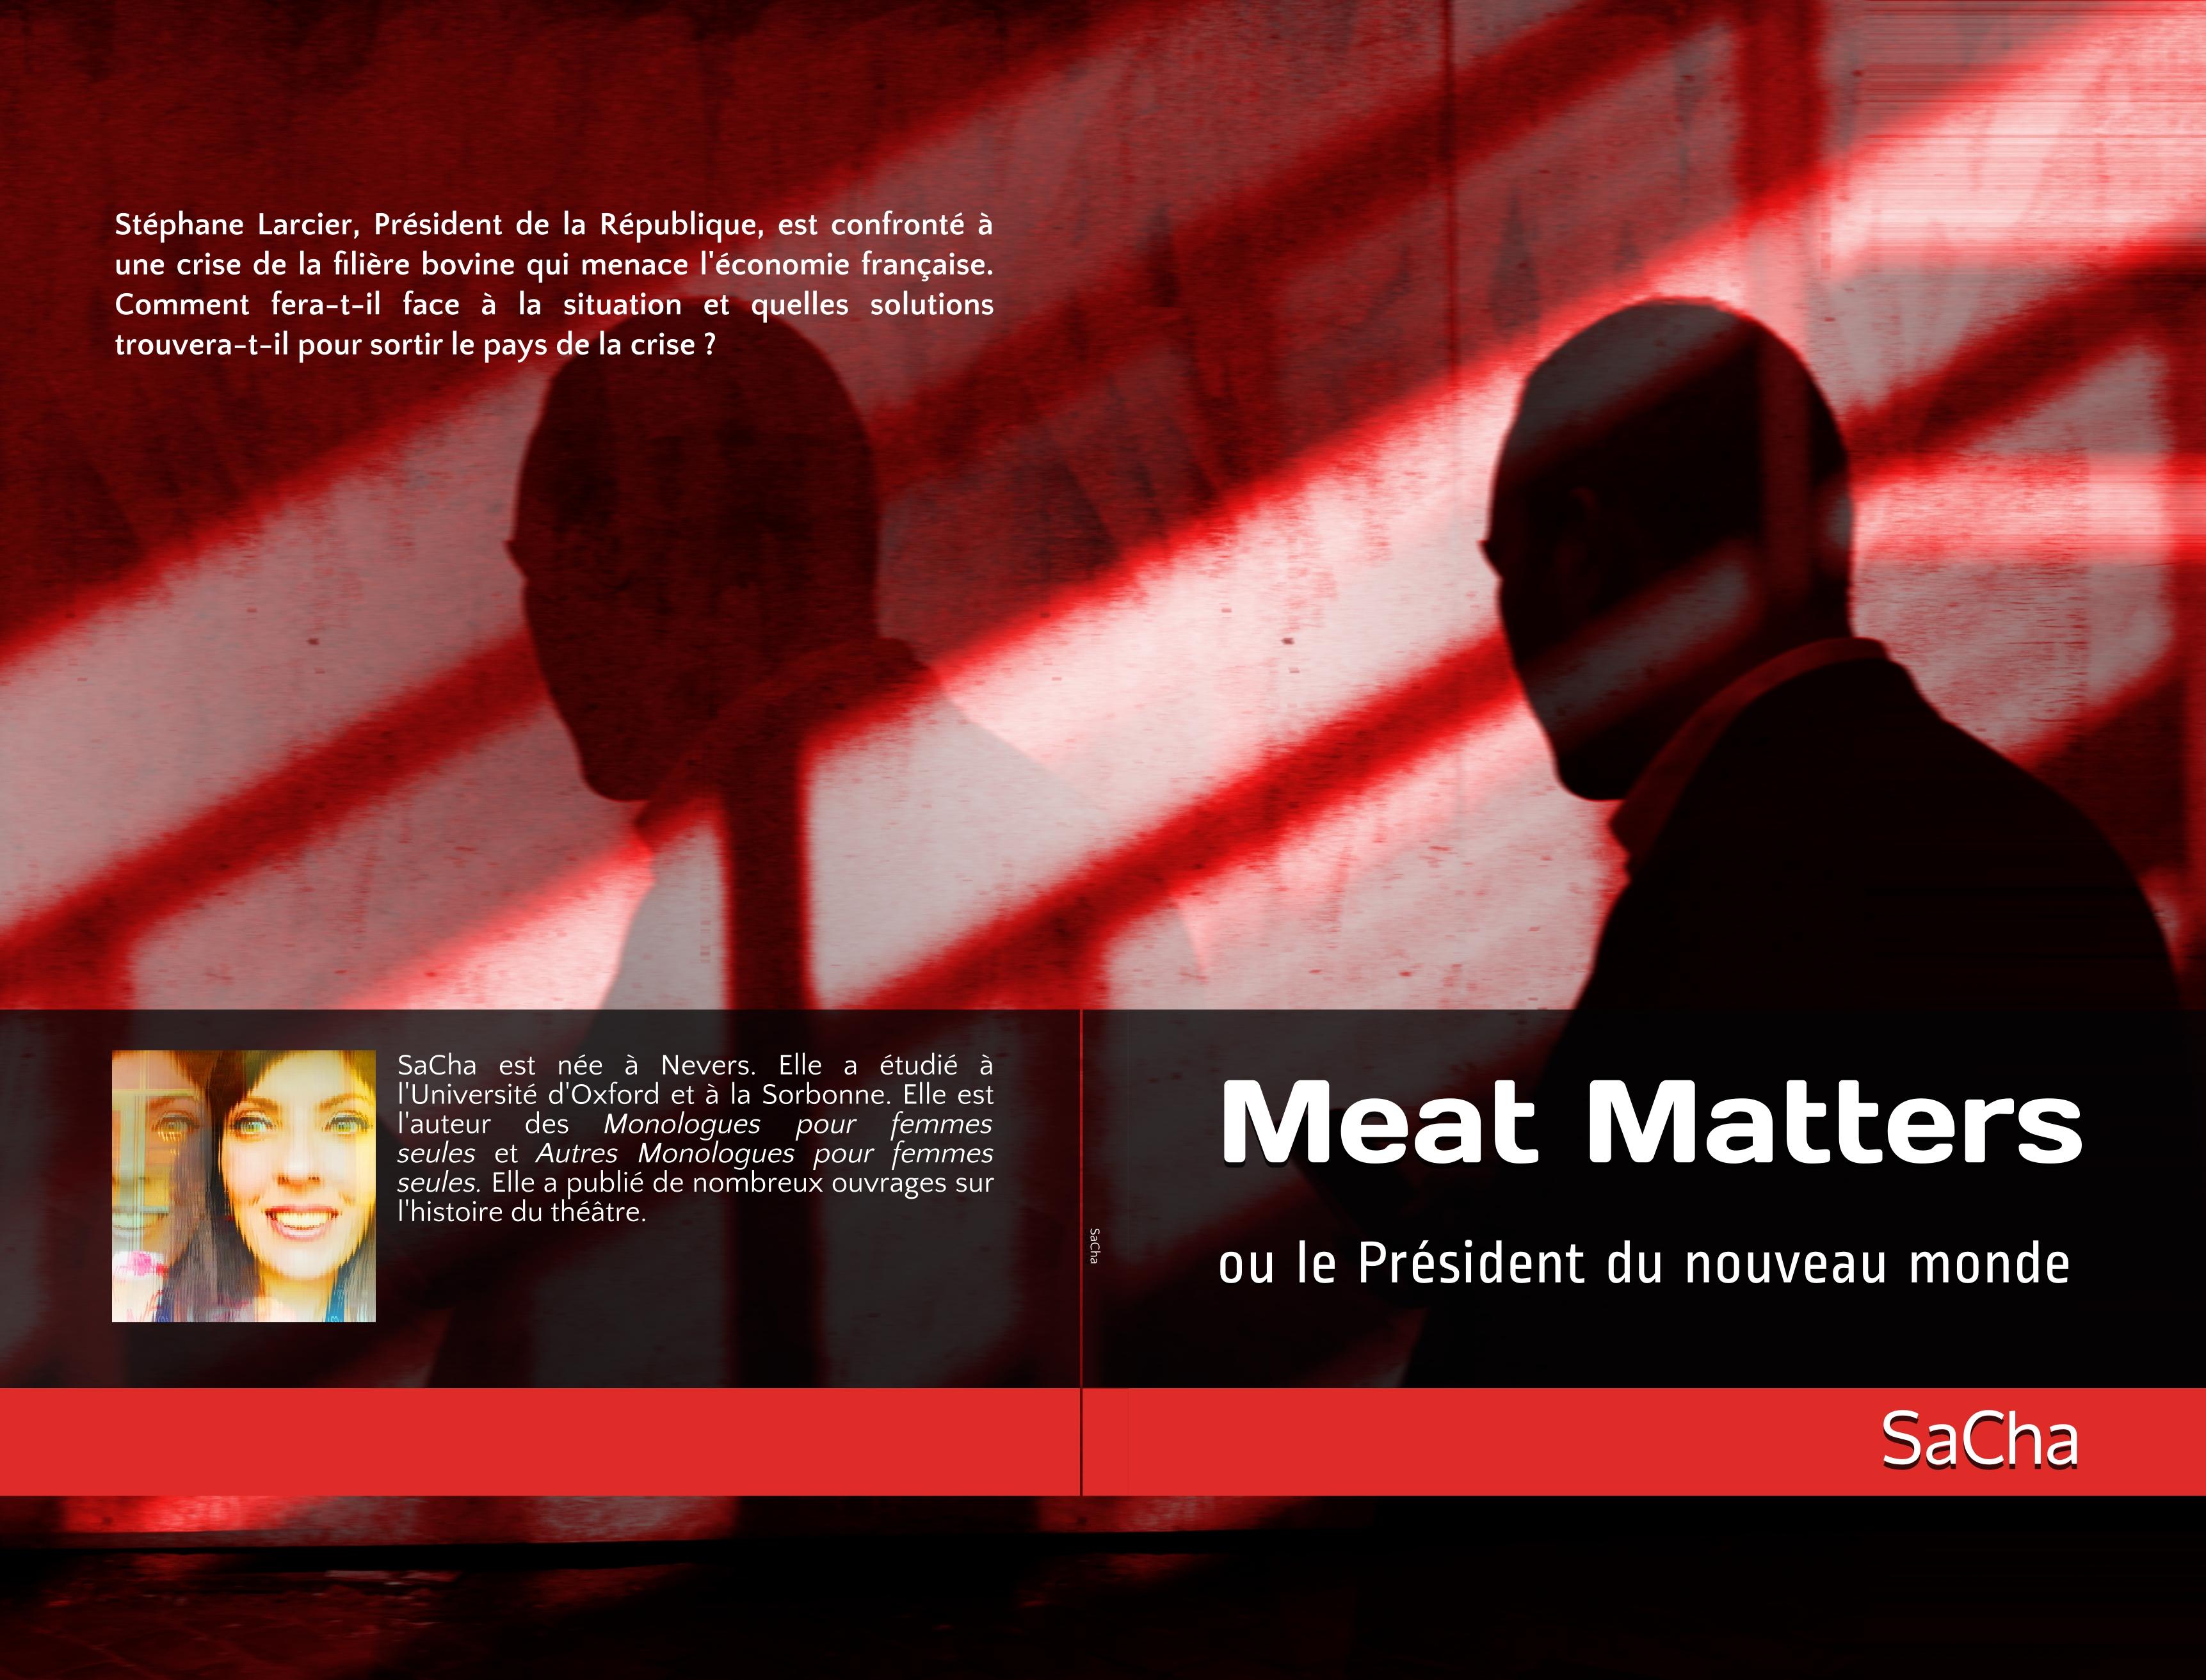 Publication: Meat Matters ou le Président du nouveau monde par SaCha